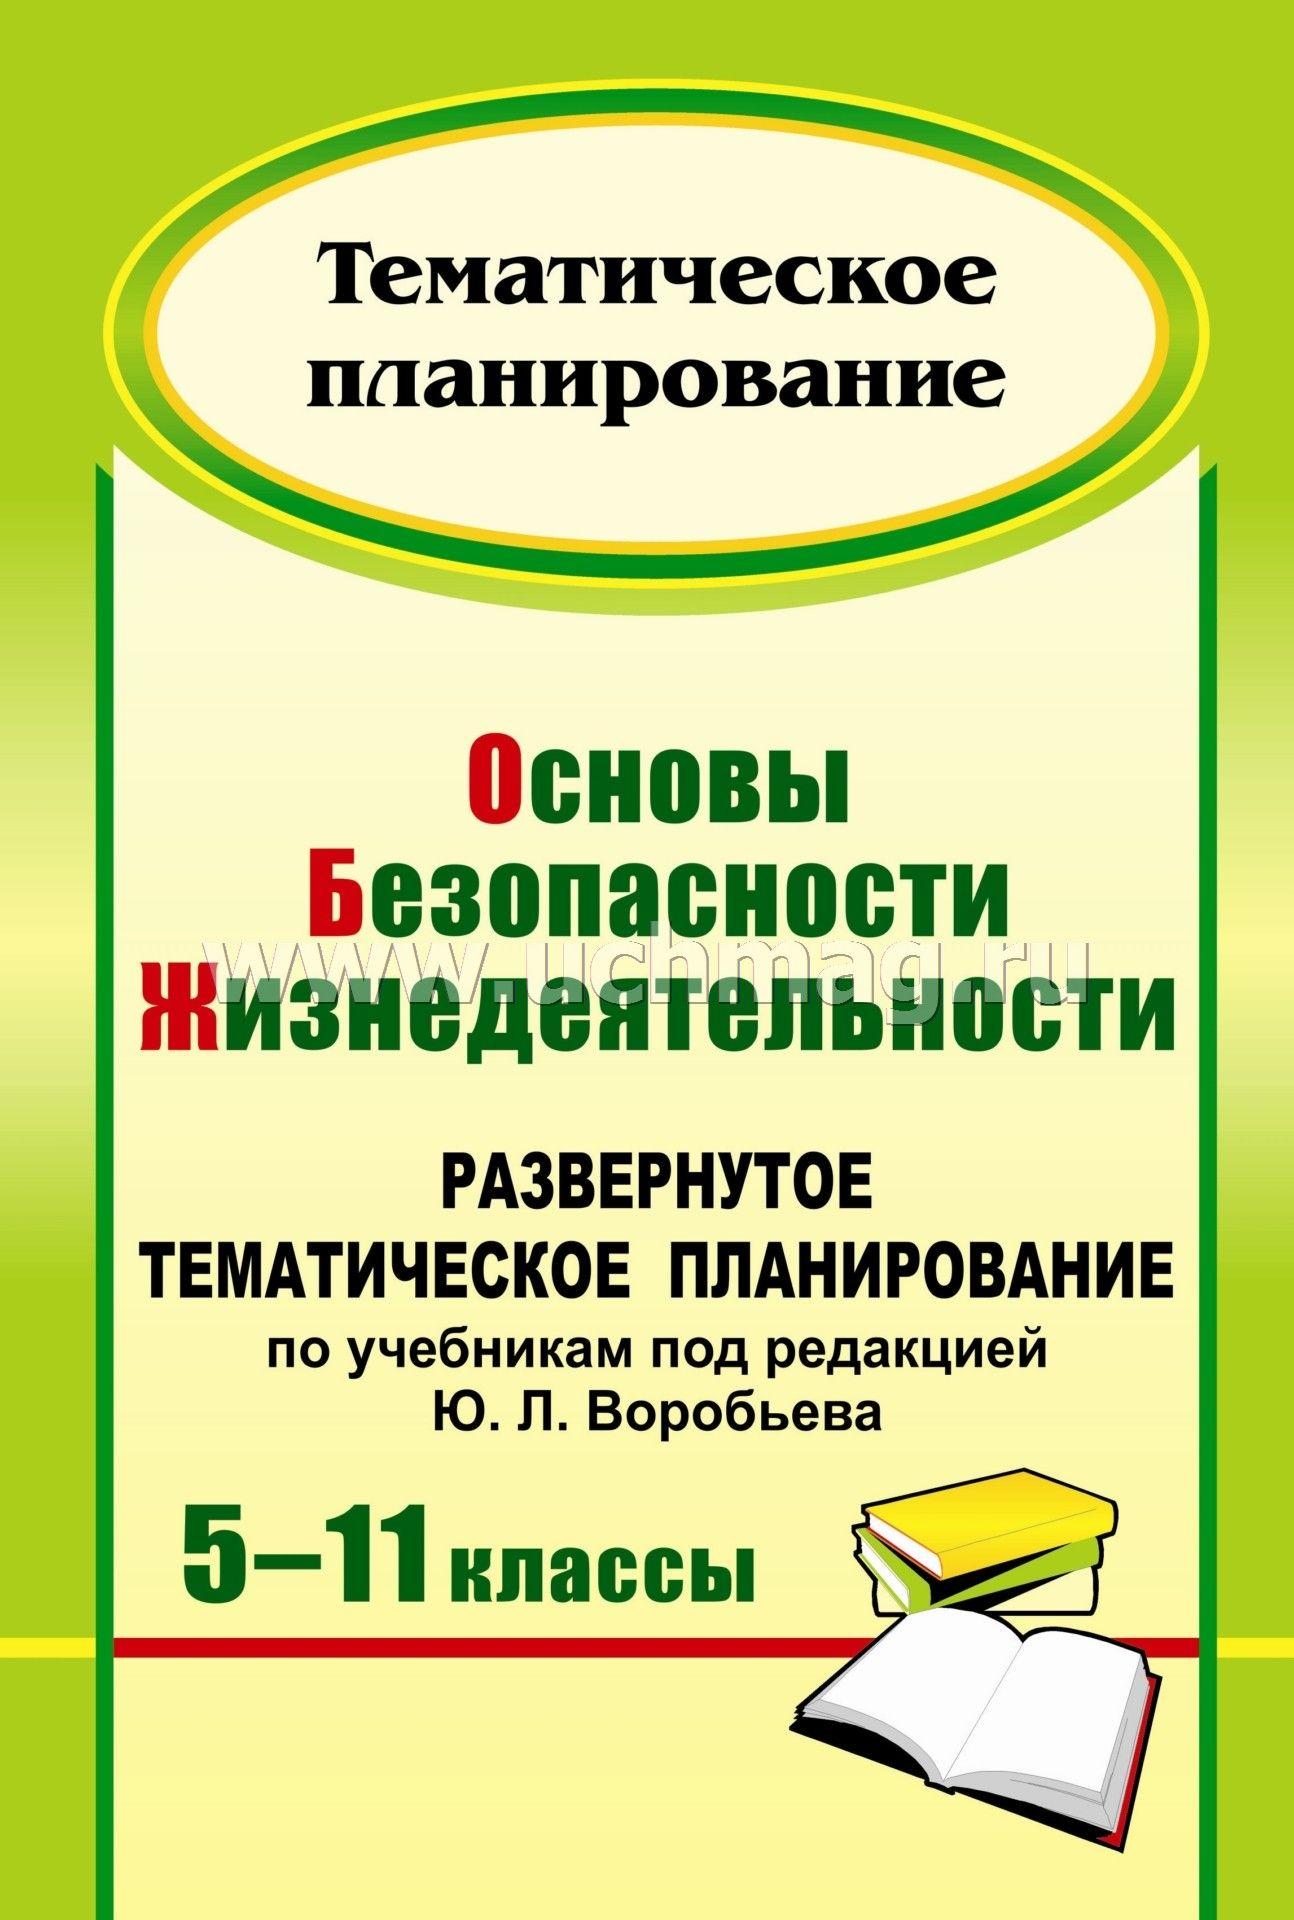 Основы безопасности жизнедеятельности 8 класс под редакцией воробьева скачать